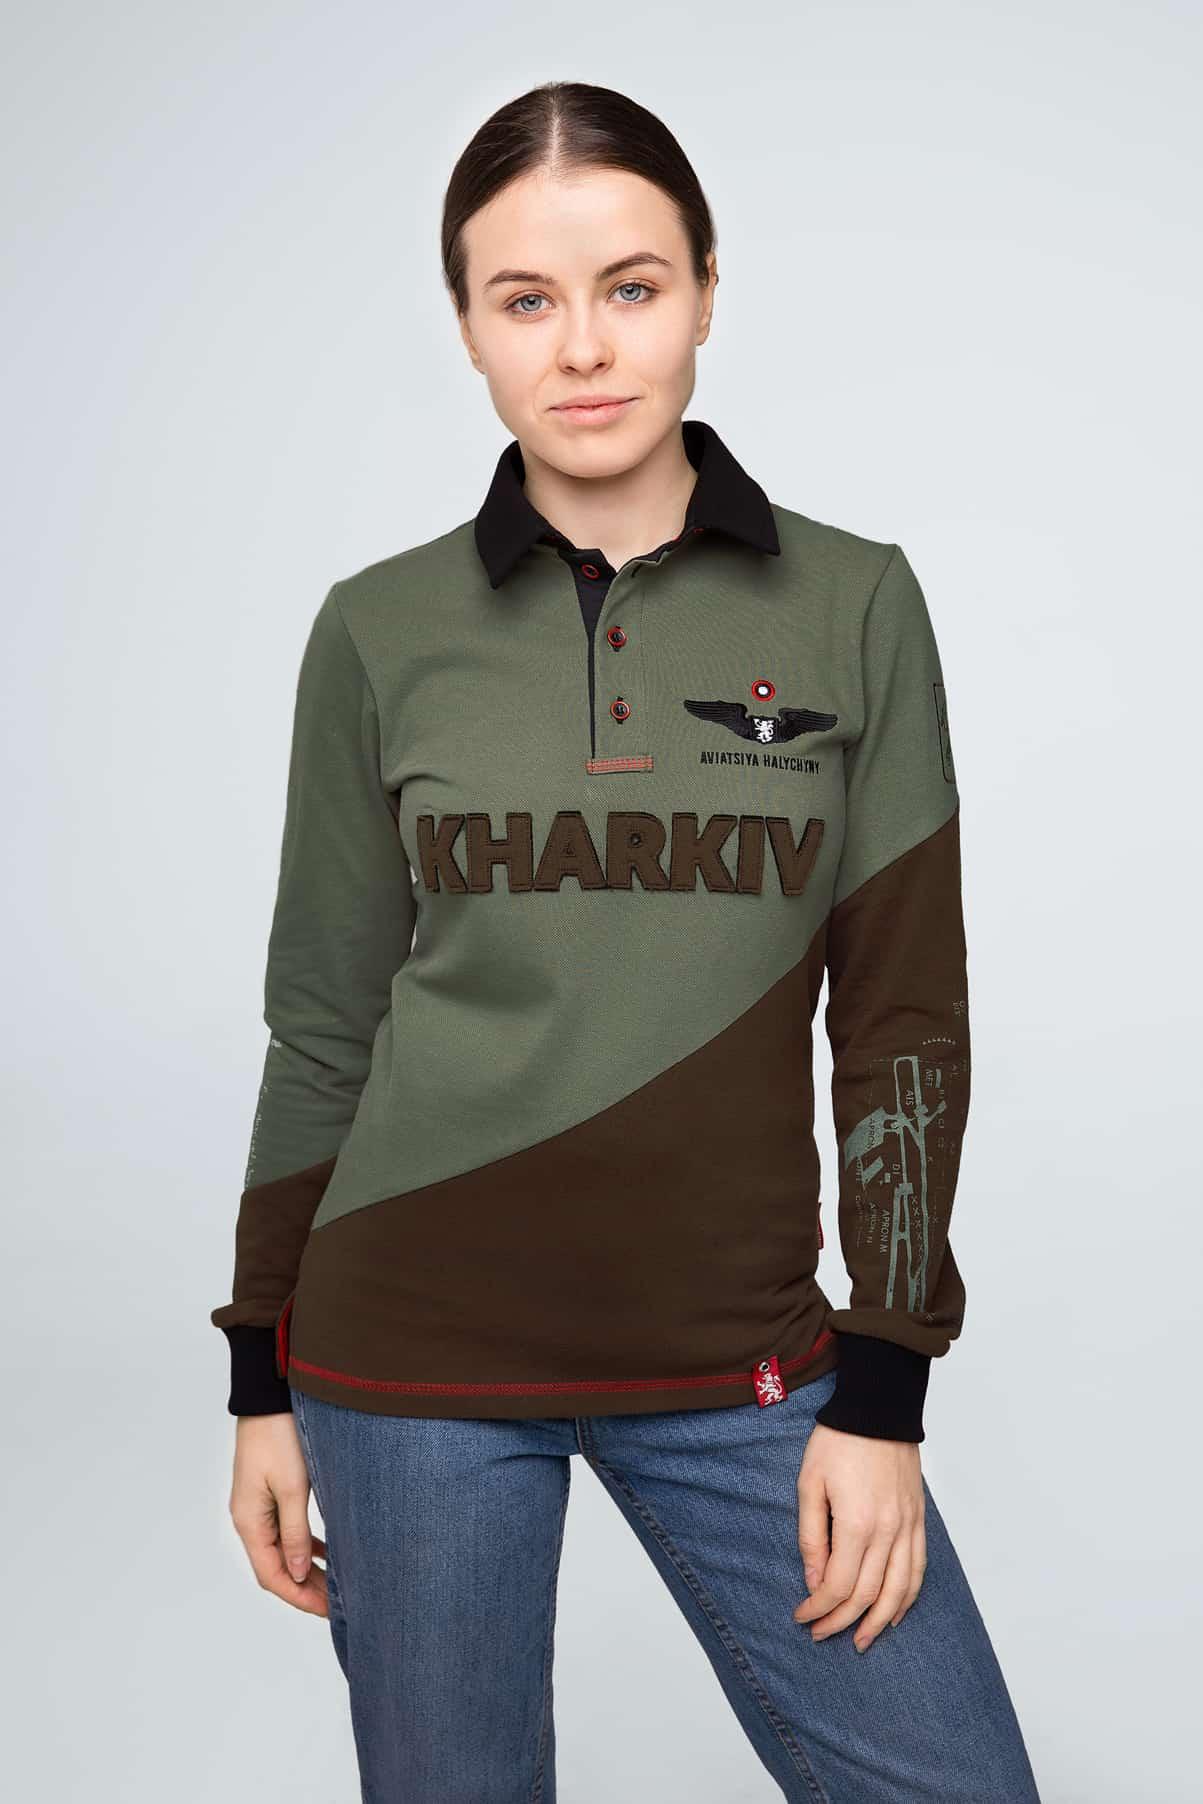 Жіноче Поло-Лонґ Kharkiv. Колір зелений. Поло-лонґ унісекс (розміри чоловічі).